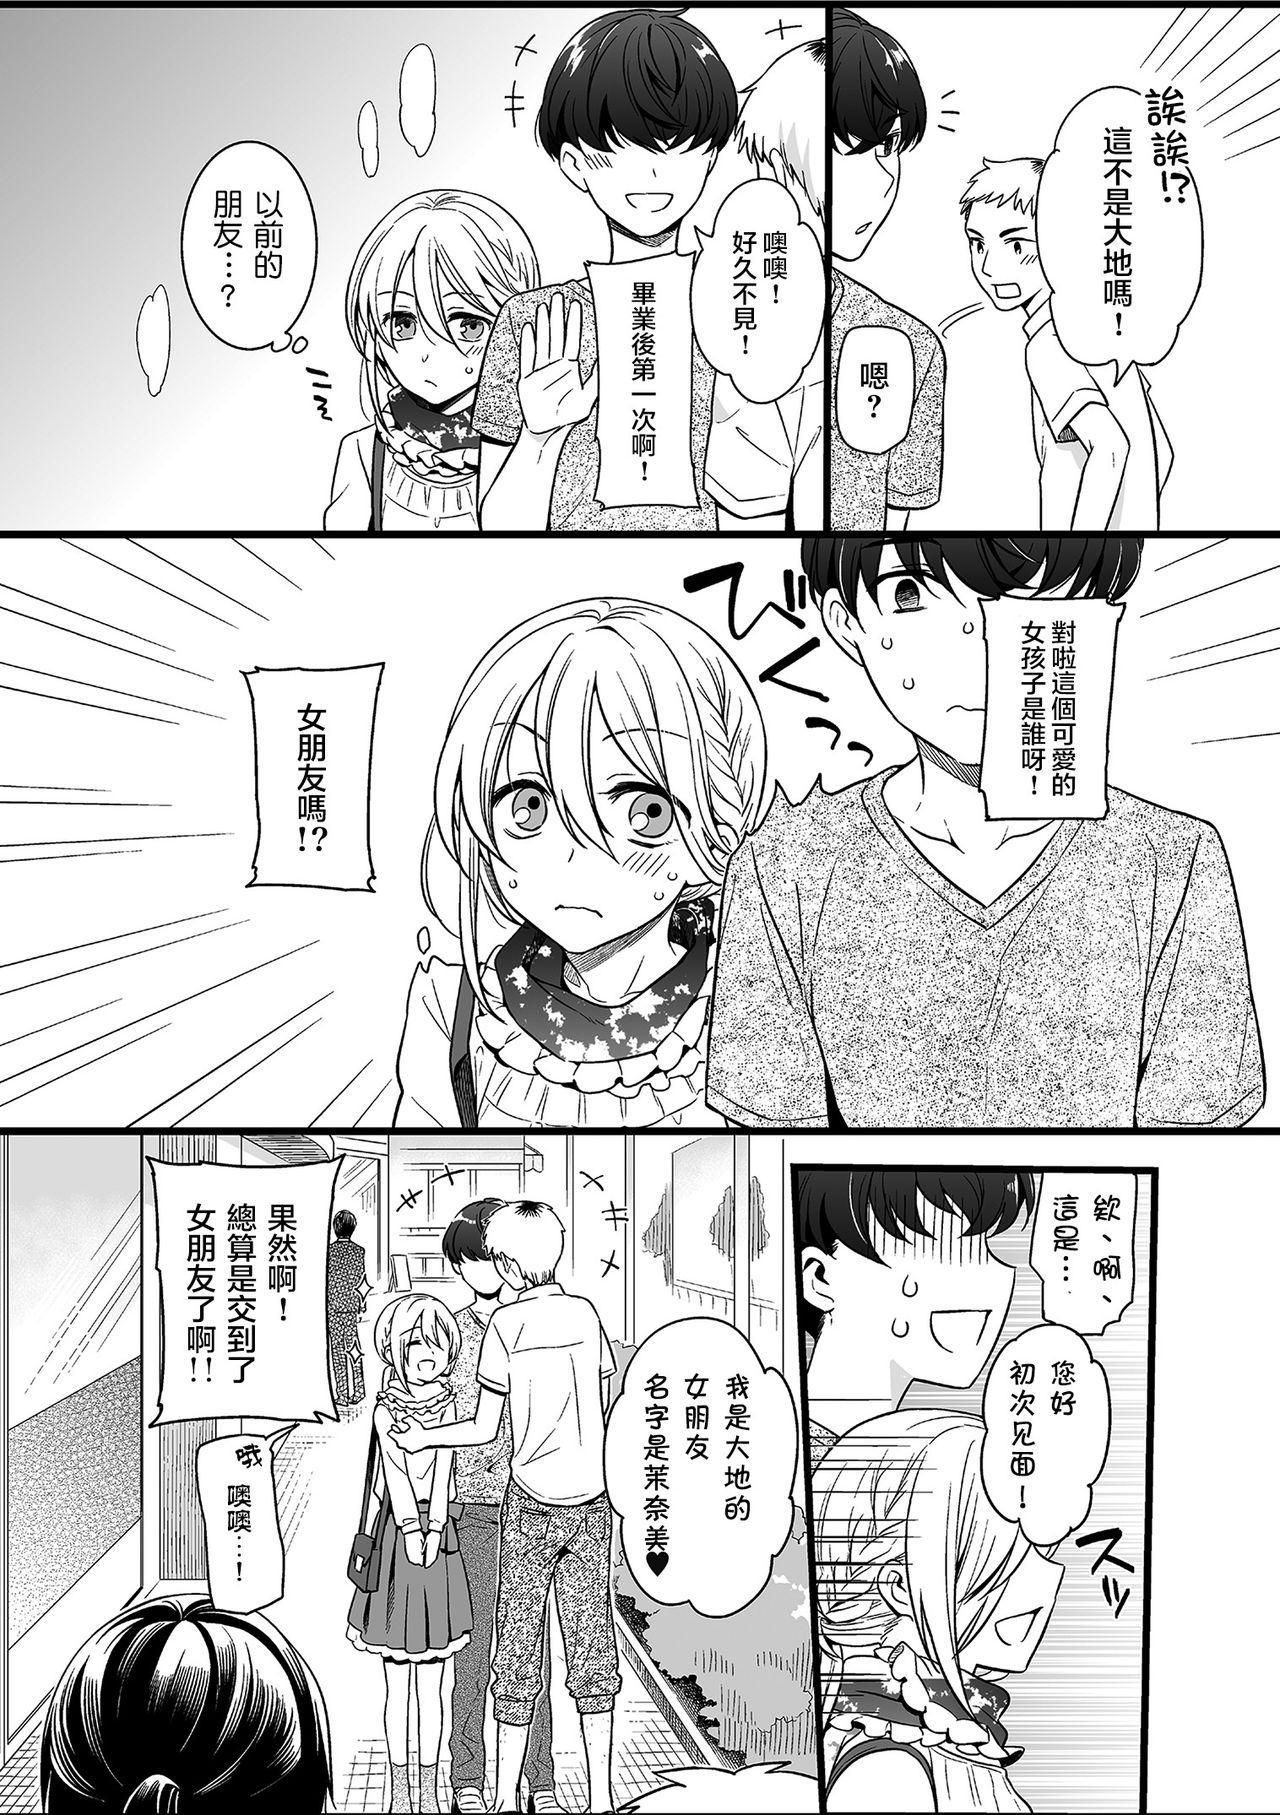 Otokonoko to Date no Renchuu 3